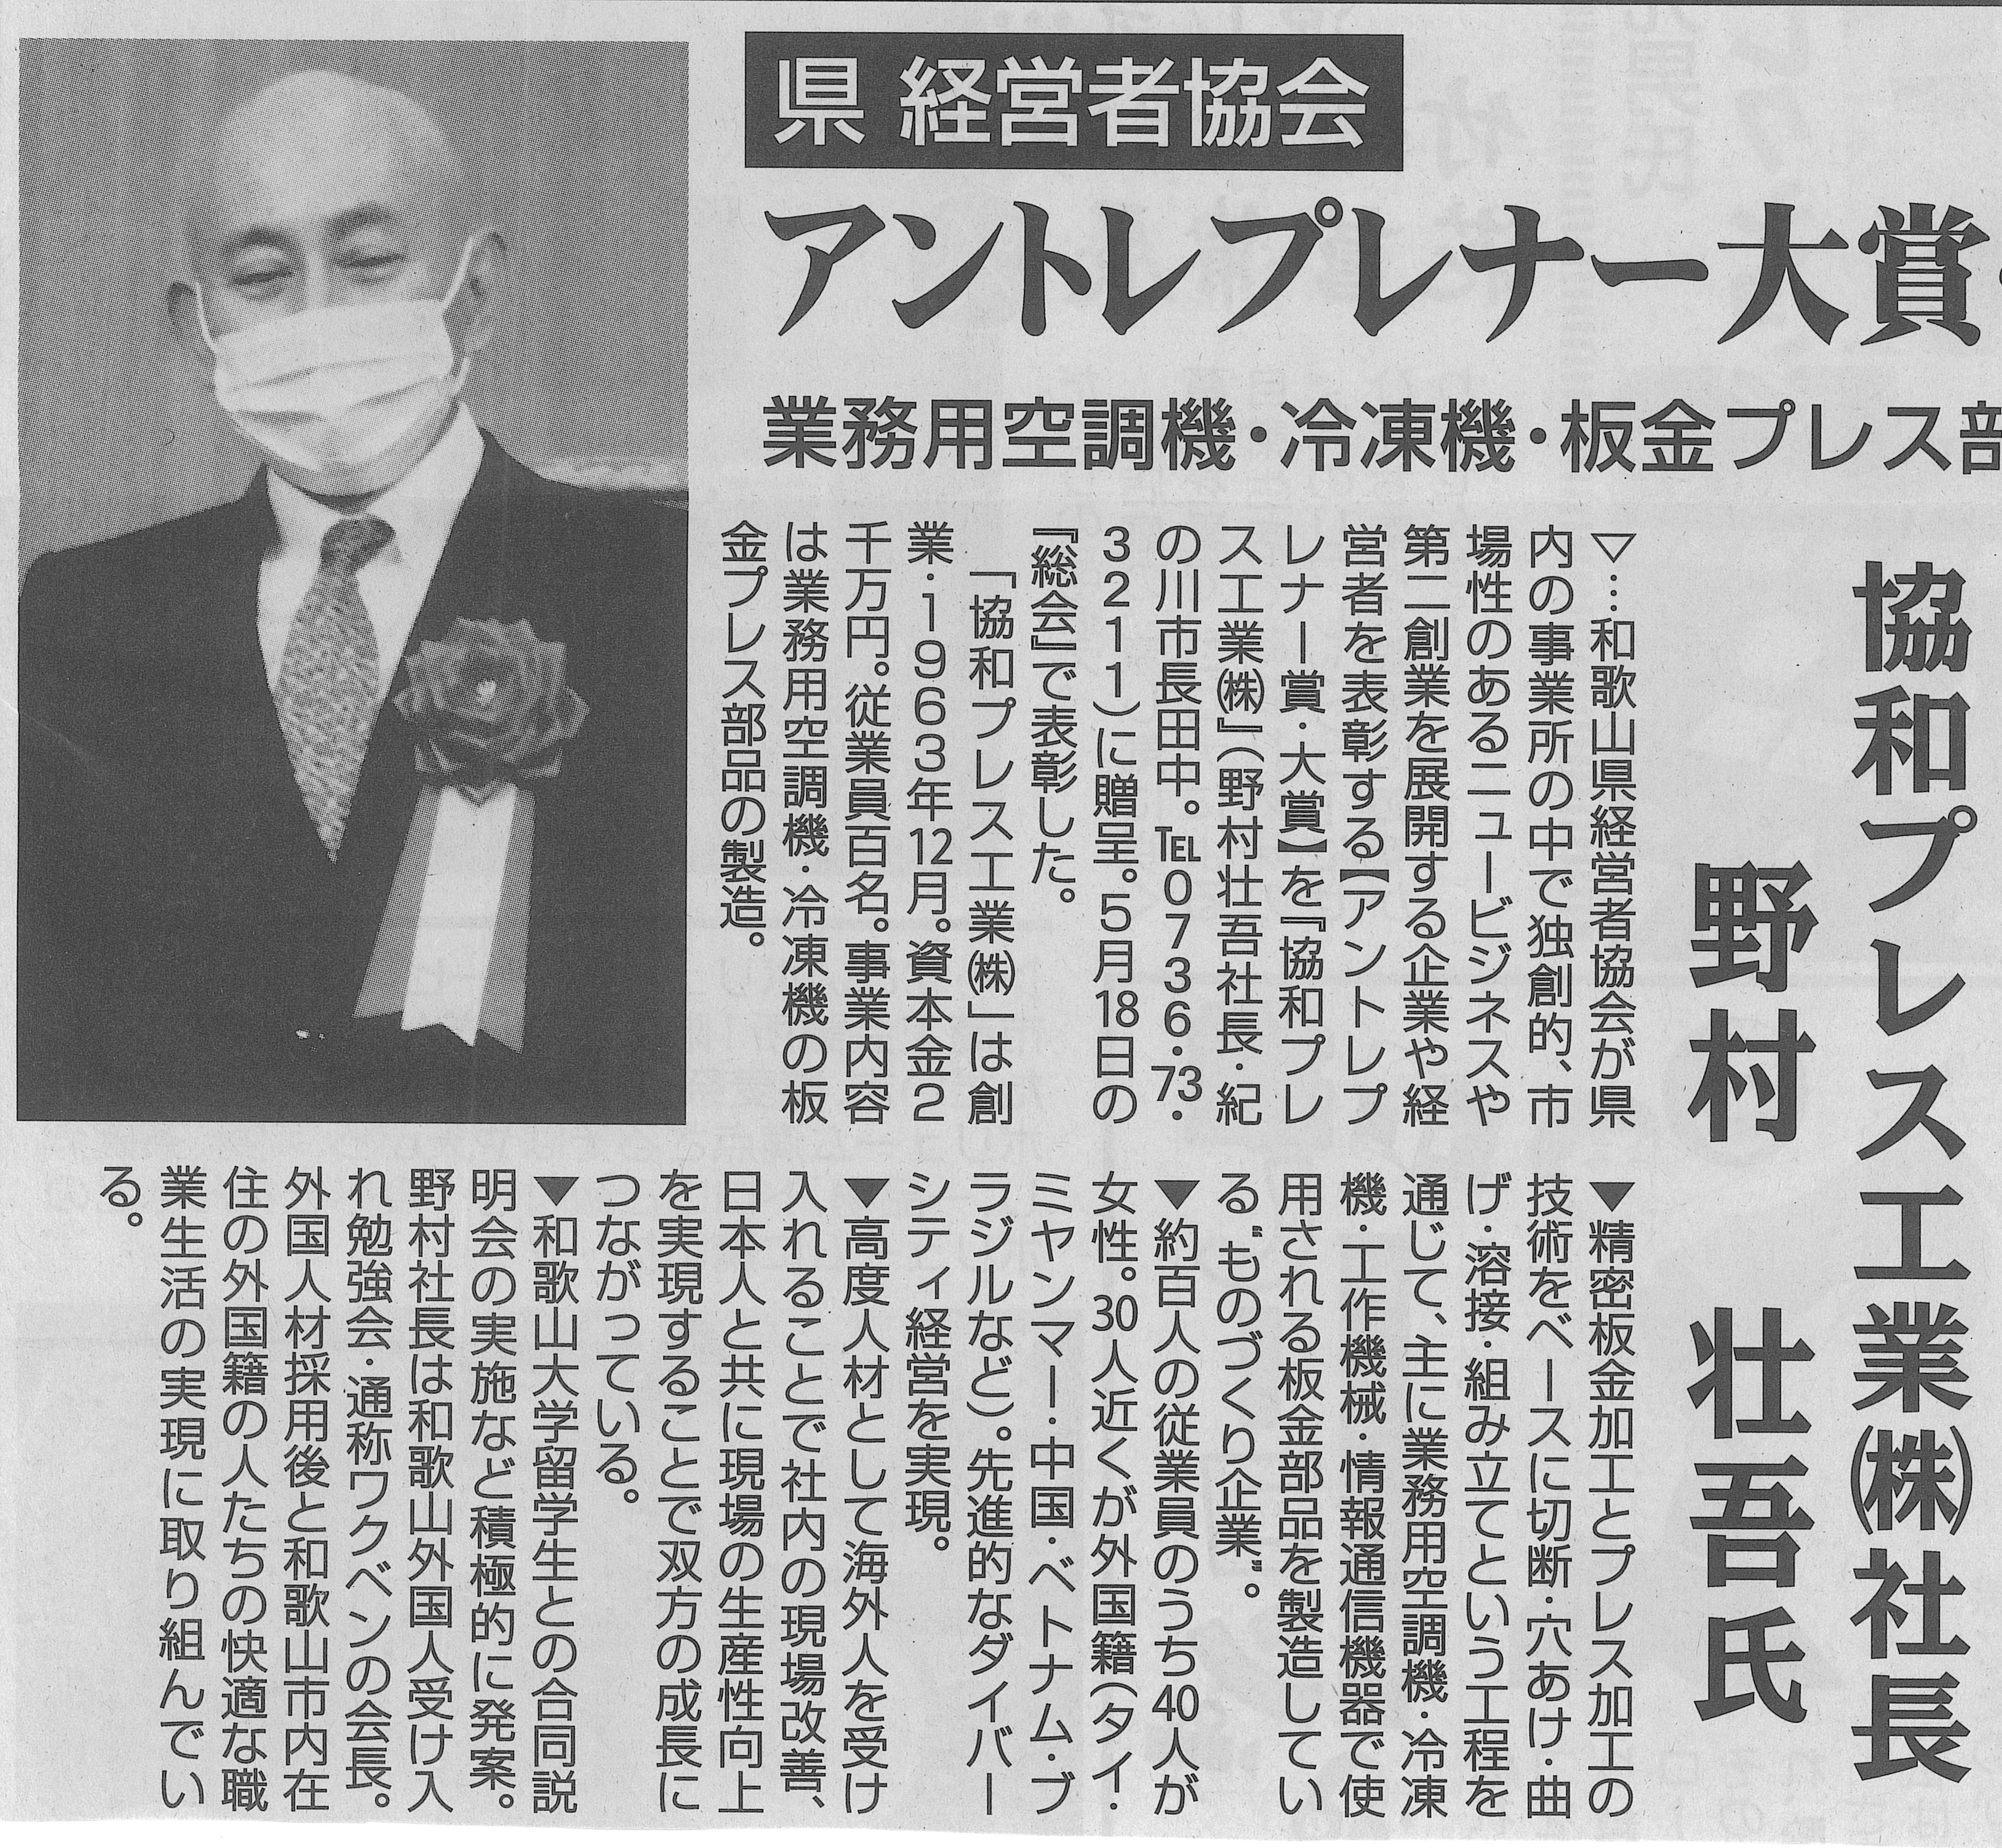 第16回「アントレプレナー大賞」に弊社の野村壮吾社長が表彰されました!